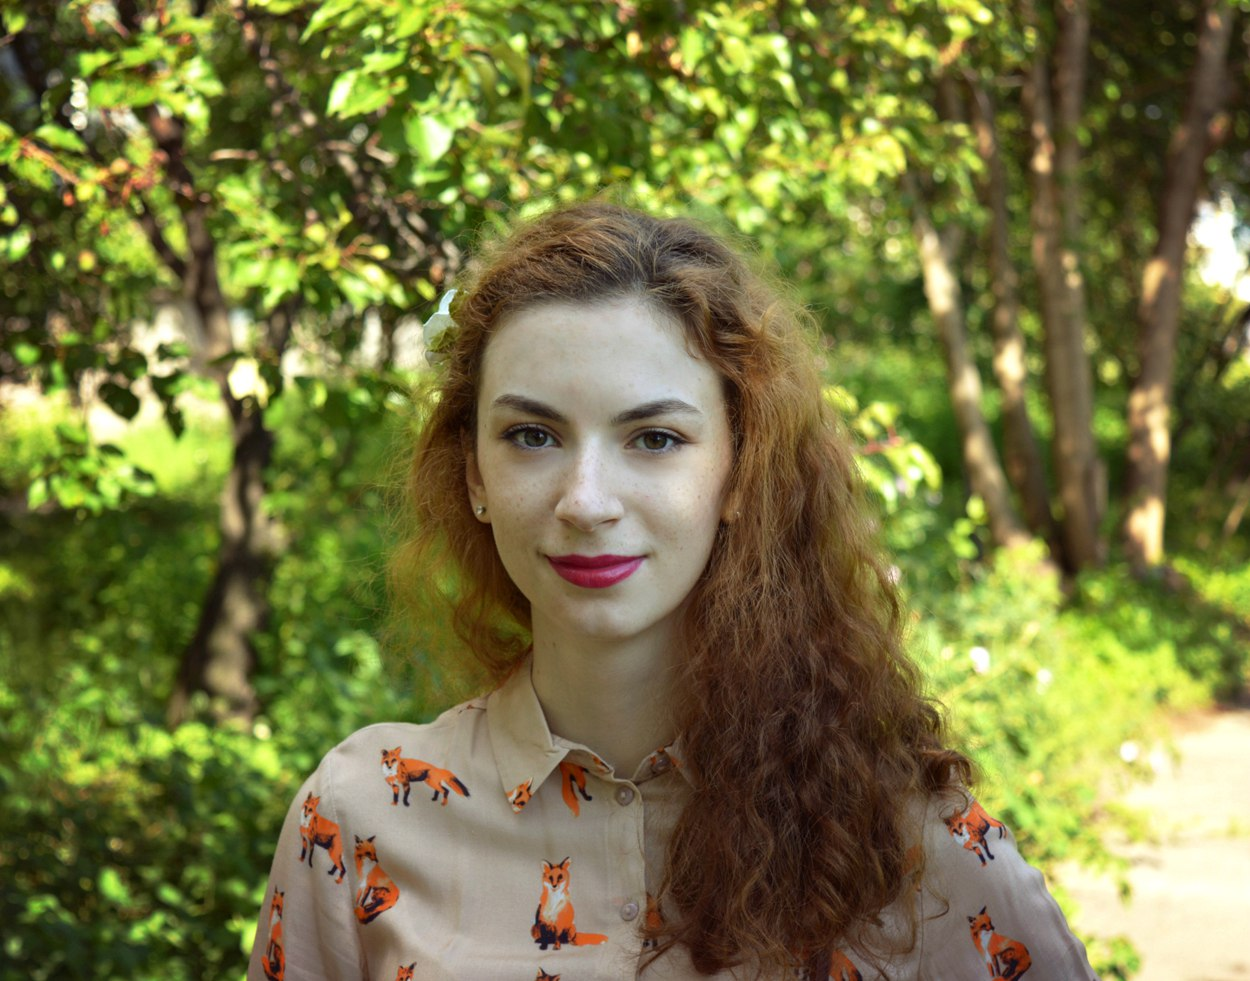 Ирина, г. Москва